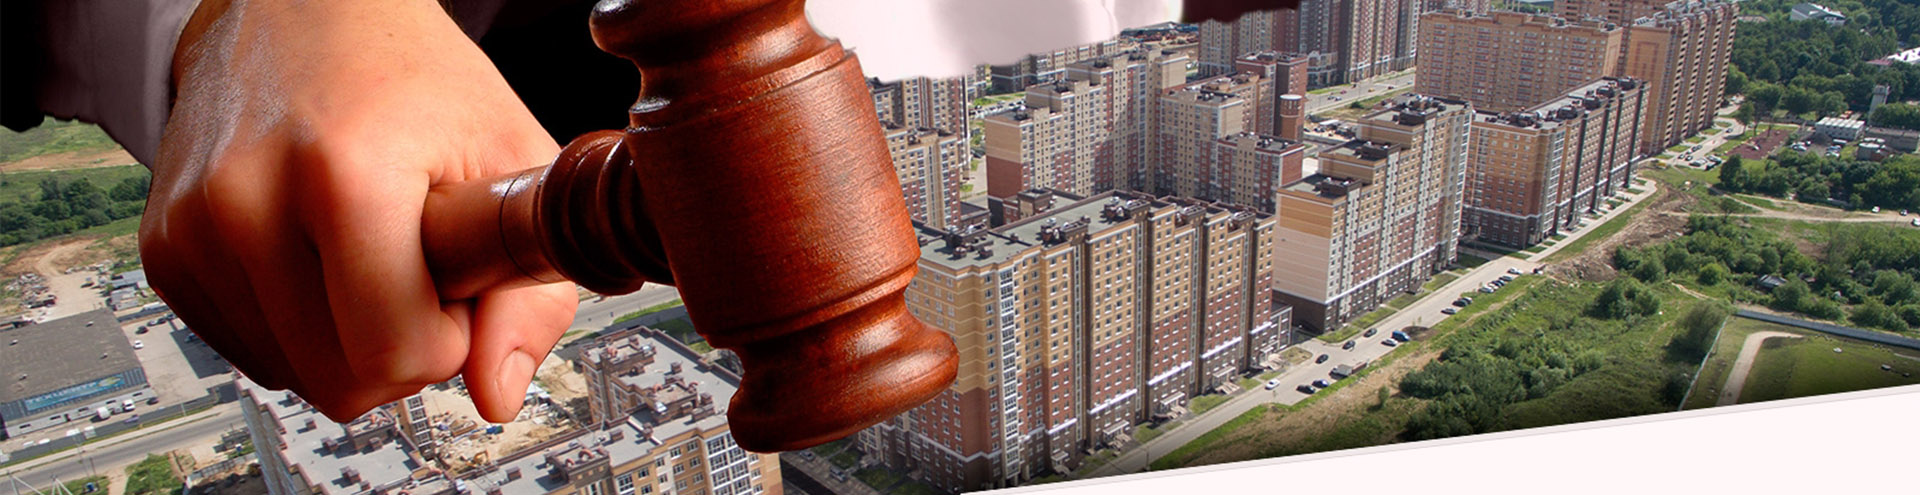 Суд с застройщиком в Астрахани и Астраханской области